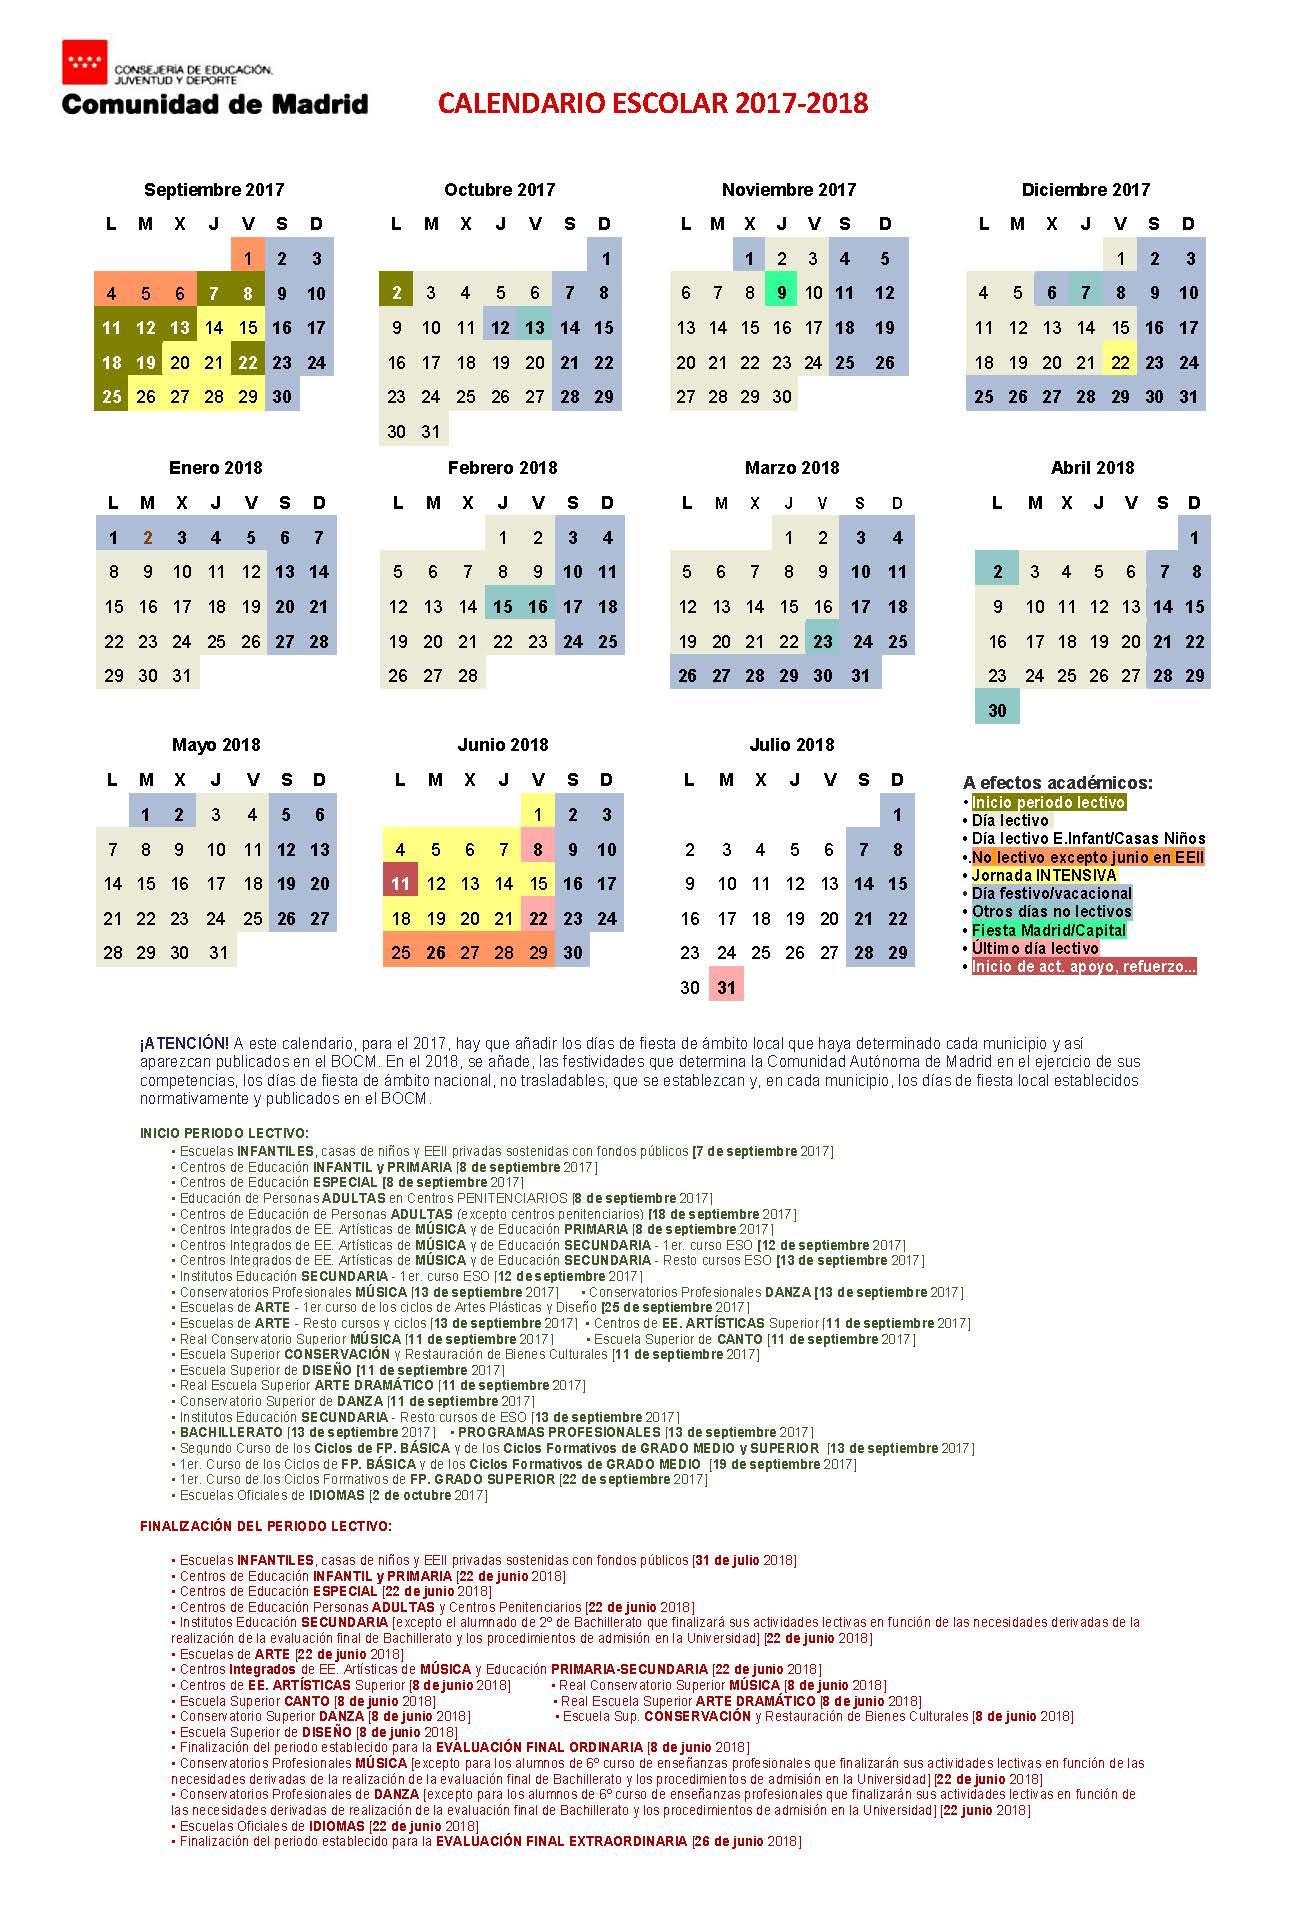 Calendario Escolar 2019 Madrid.Calendario Escolar De La Comunidad De Madrid Me Gusta Mi Cole